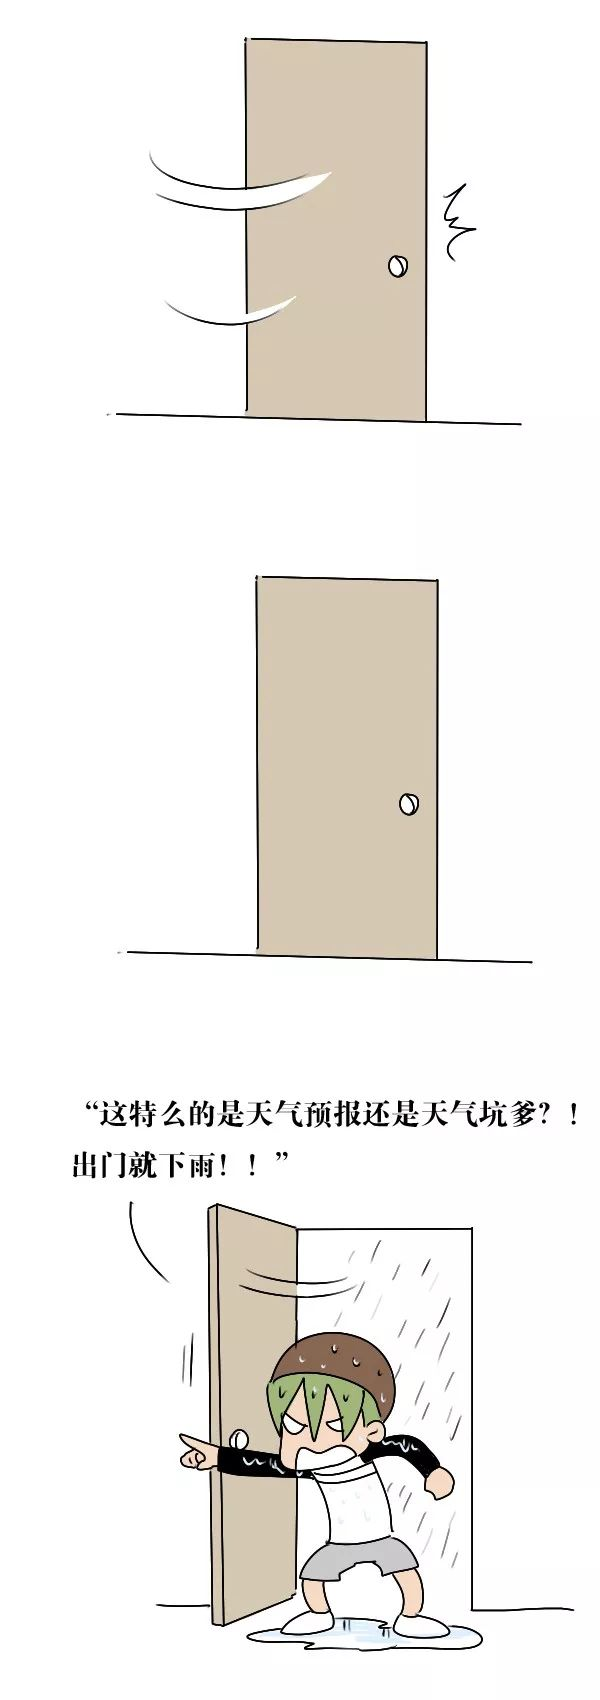 63672a29708e2baec3ed8f040379e36e.jpeg